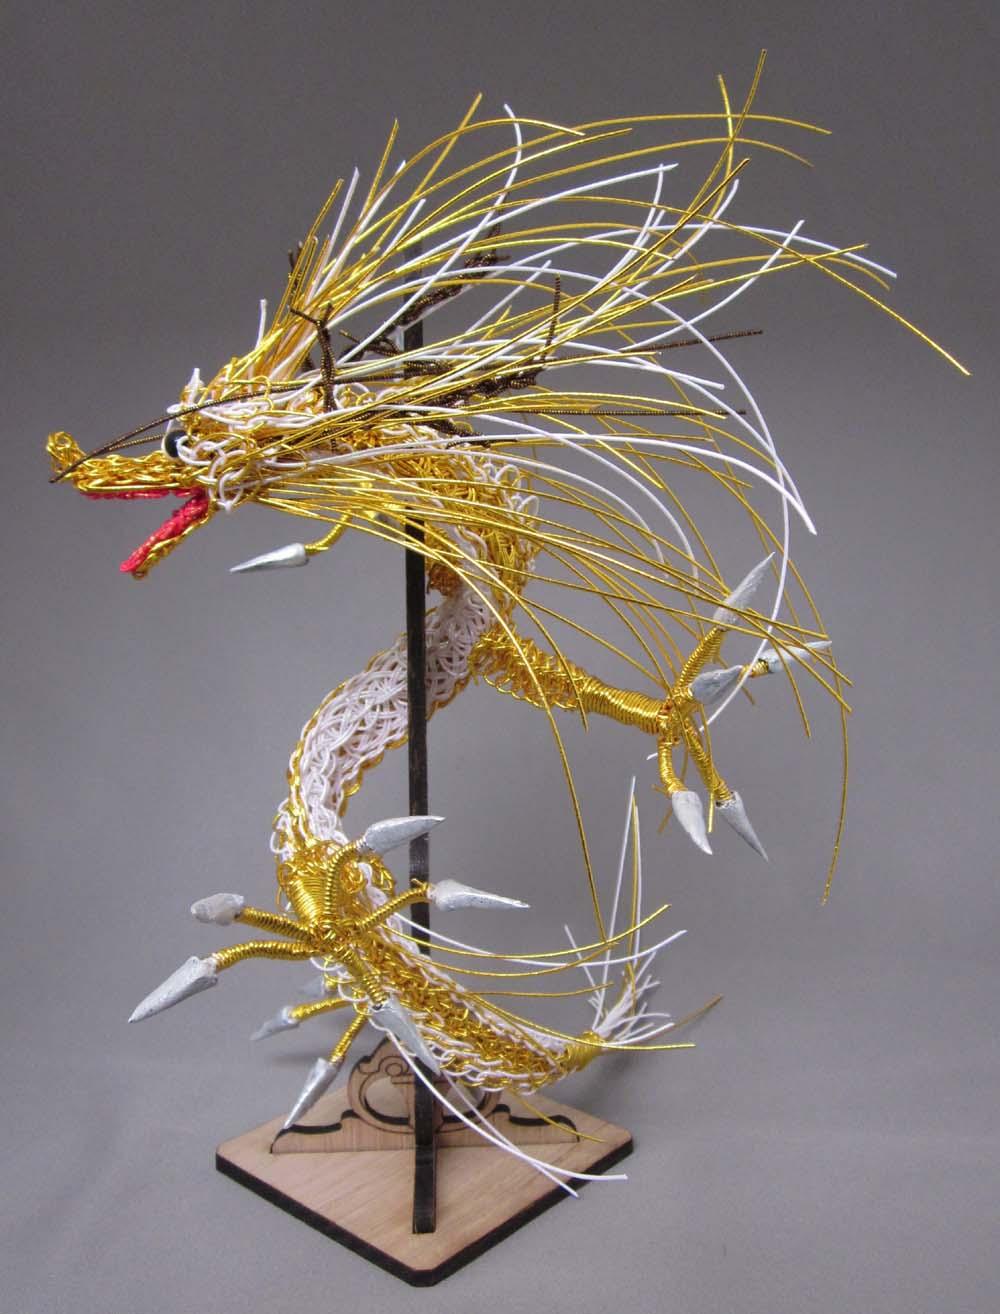 剣龍金色 背景グレー其の三